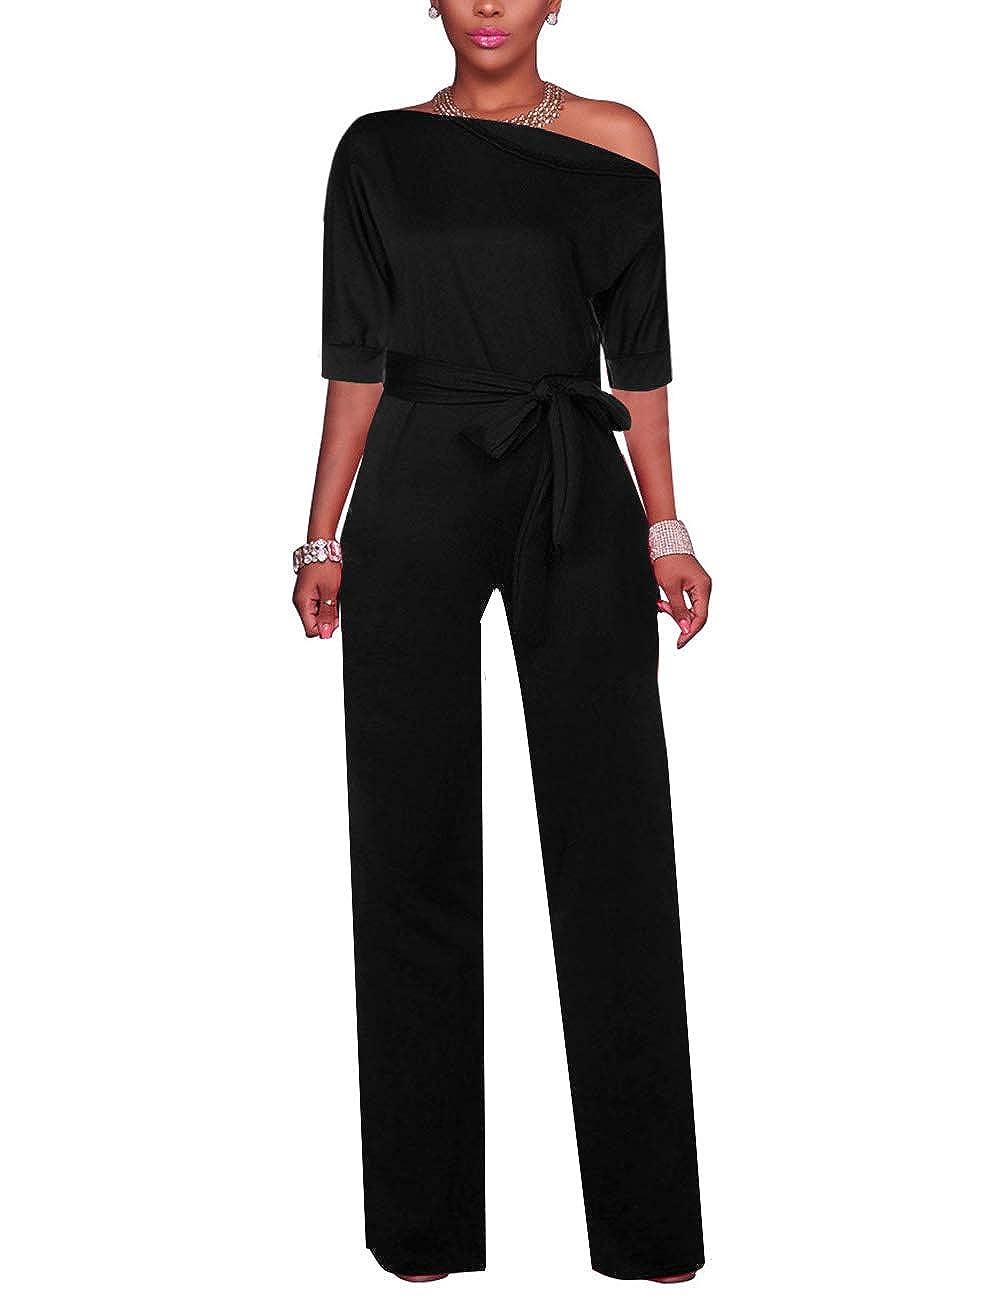 Ximandi Womens Stretchy Wide Leg Palazzo Lounge Pants High Waist Casual Long Palazzo Pants Trousers